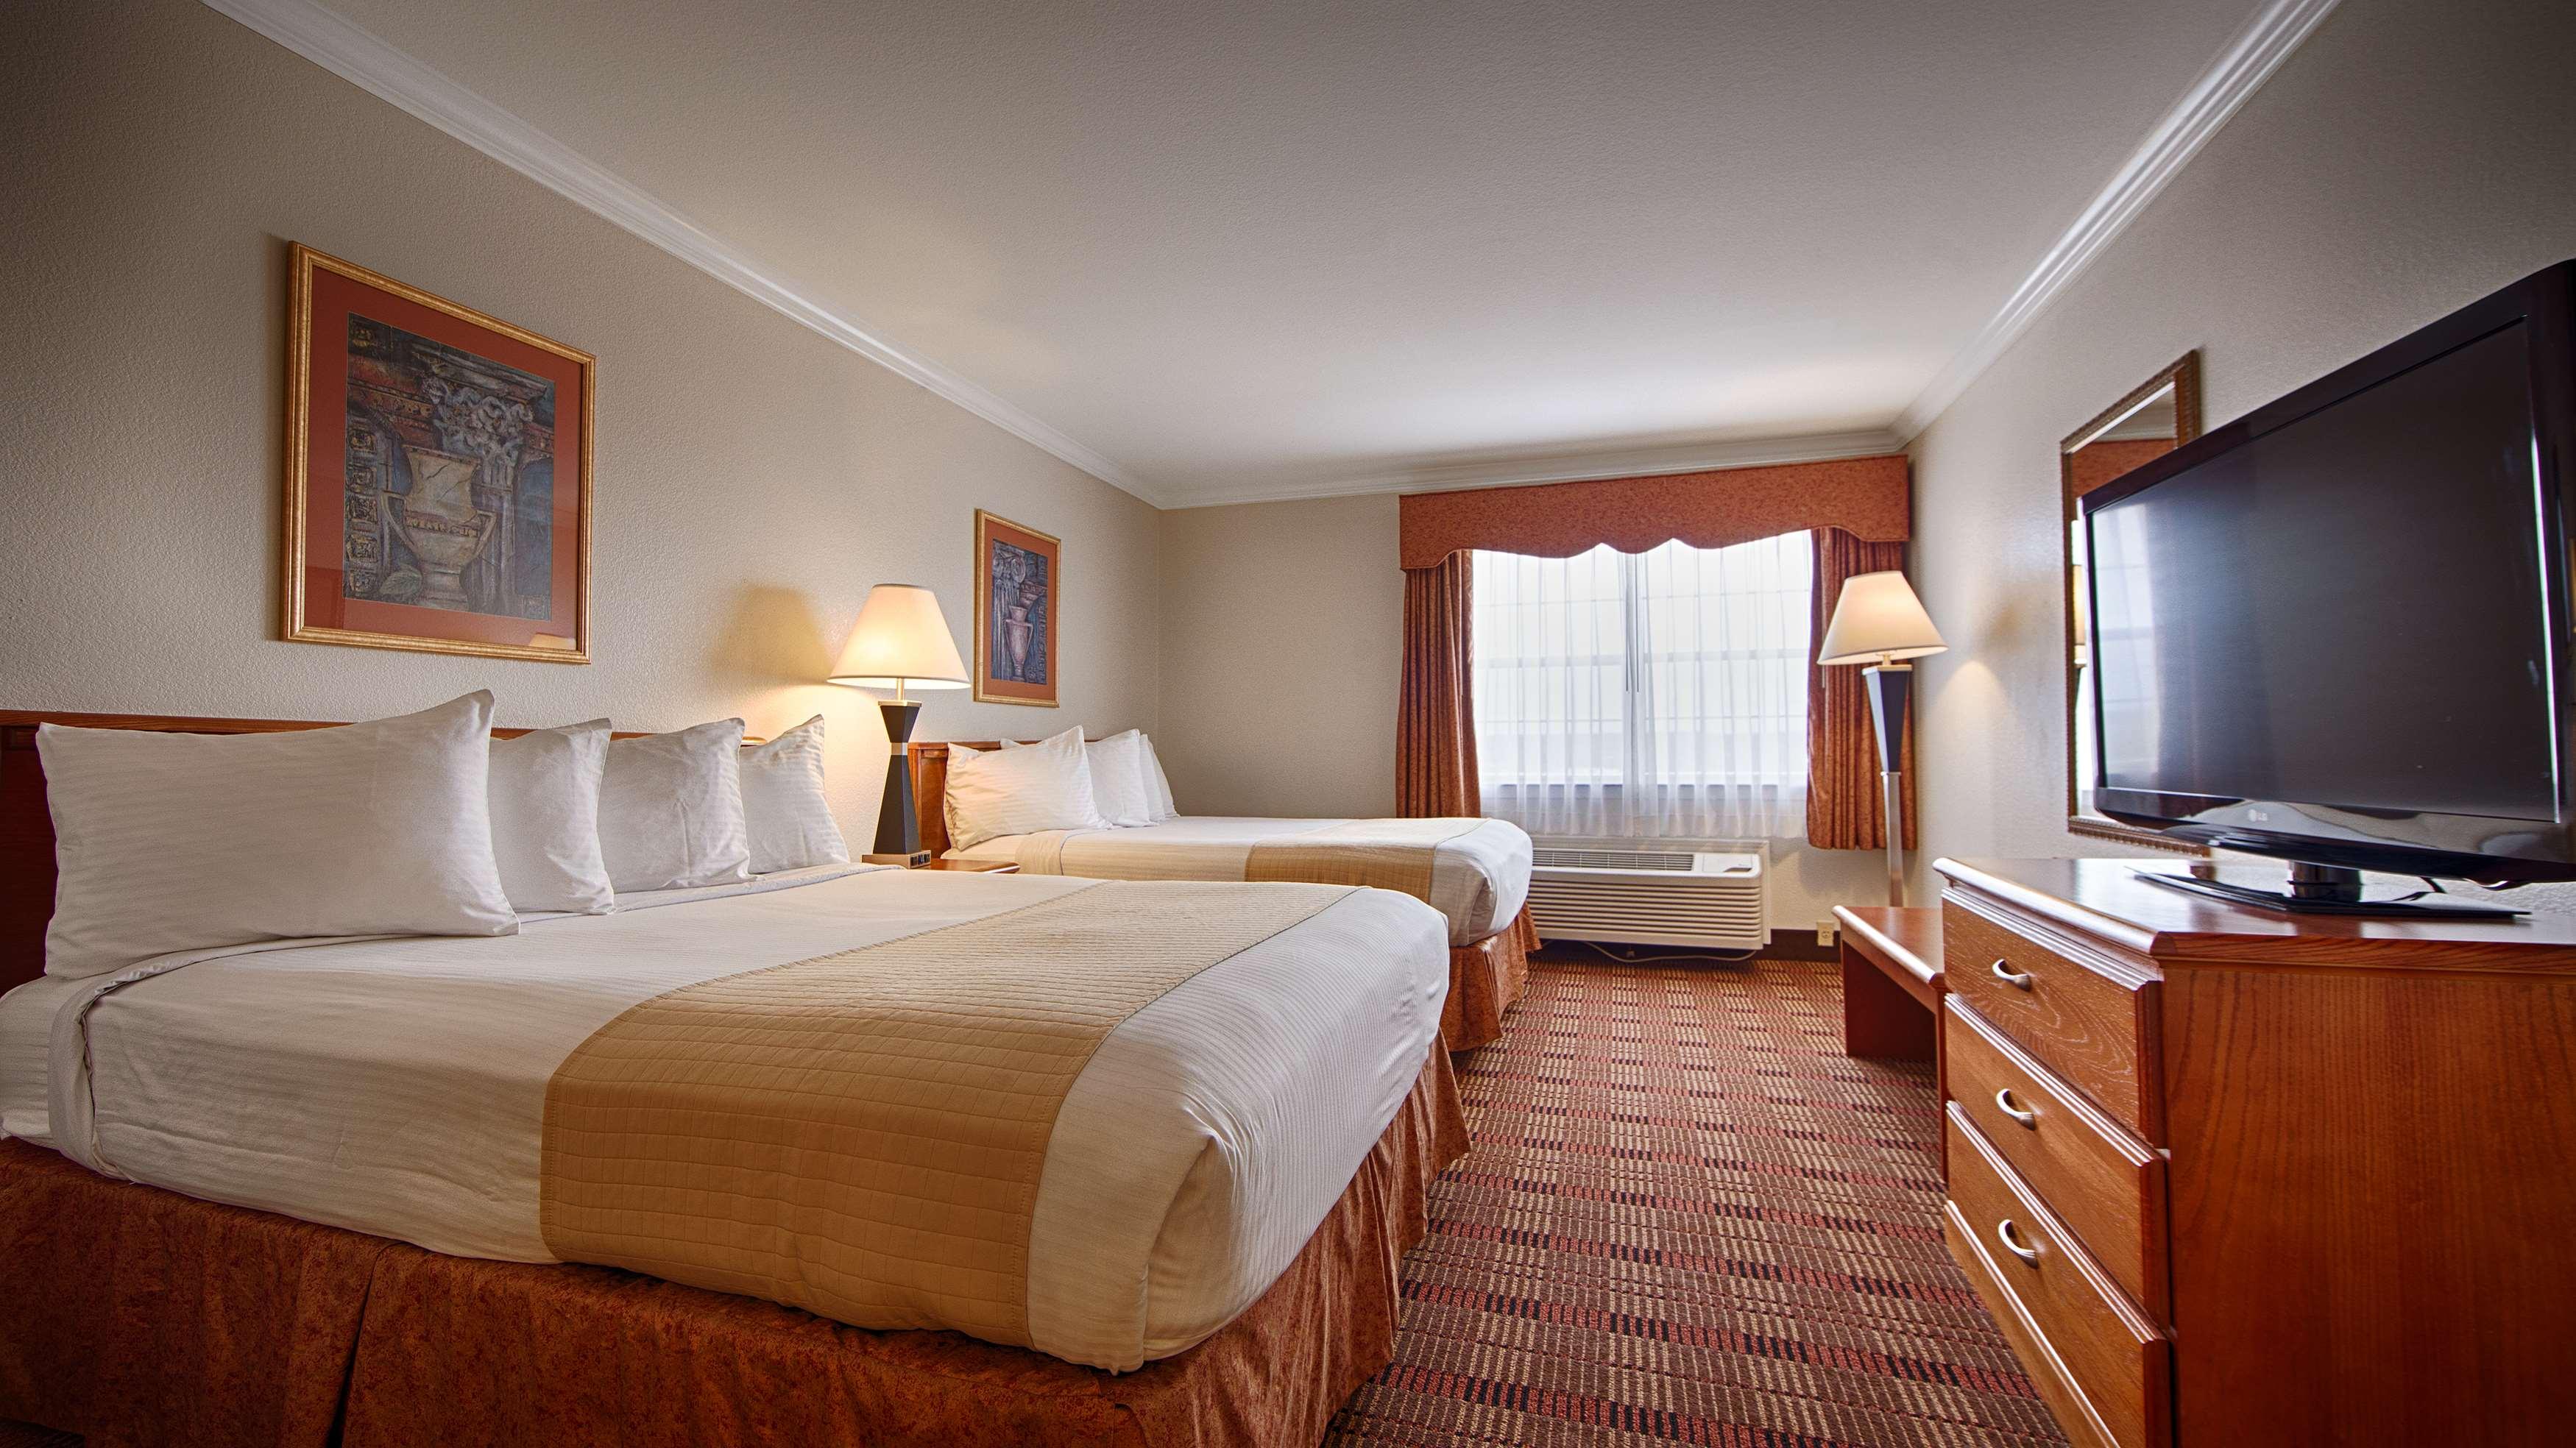 Best Western Club House Inn & Suites image 15